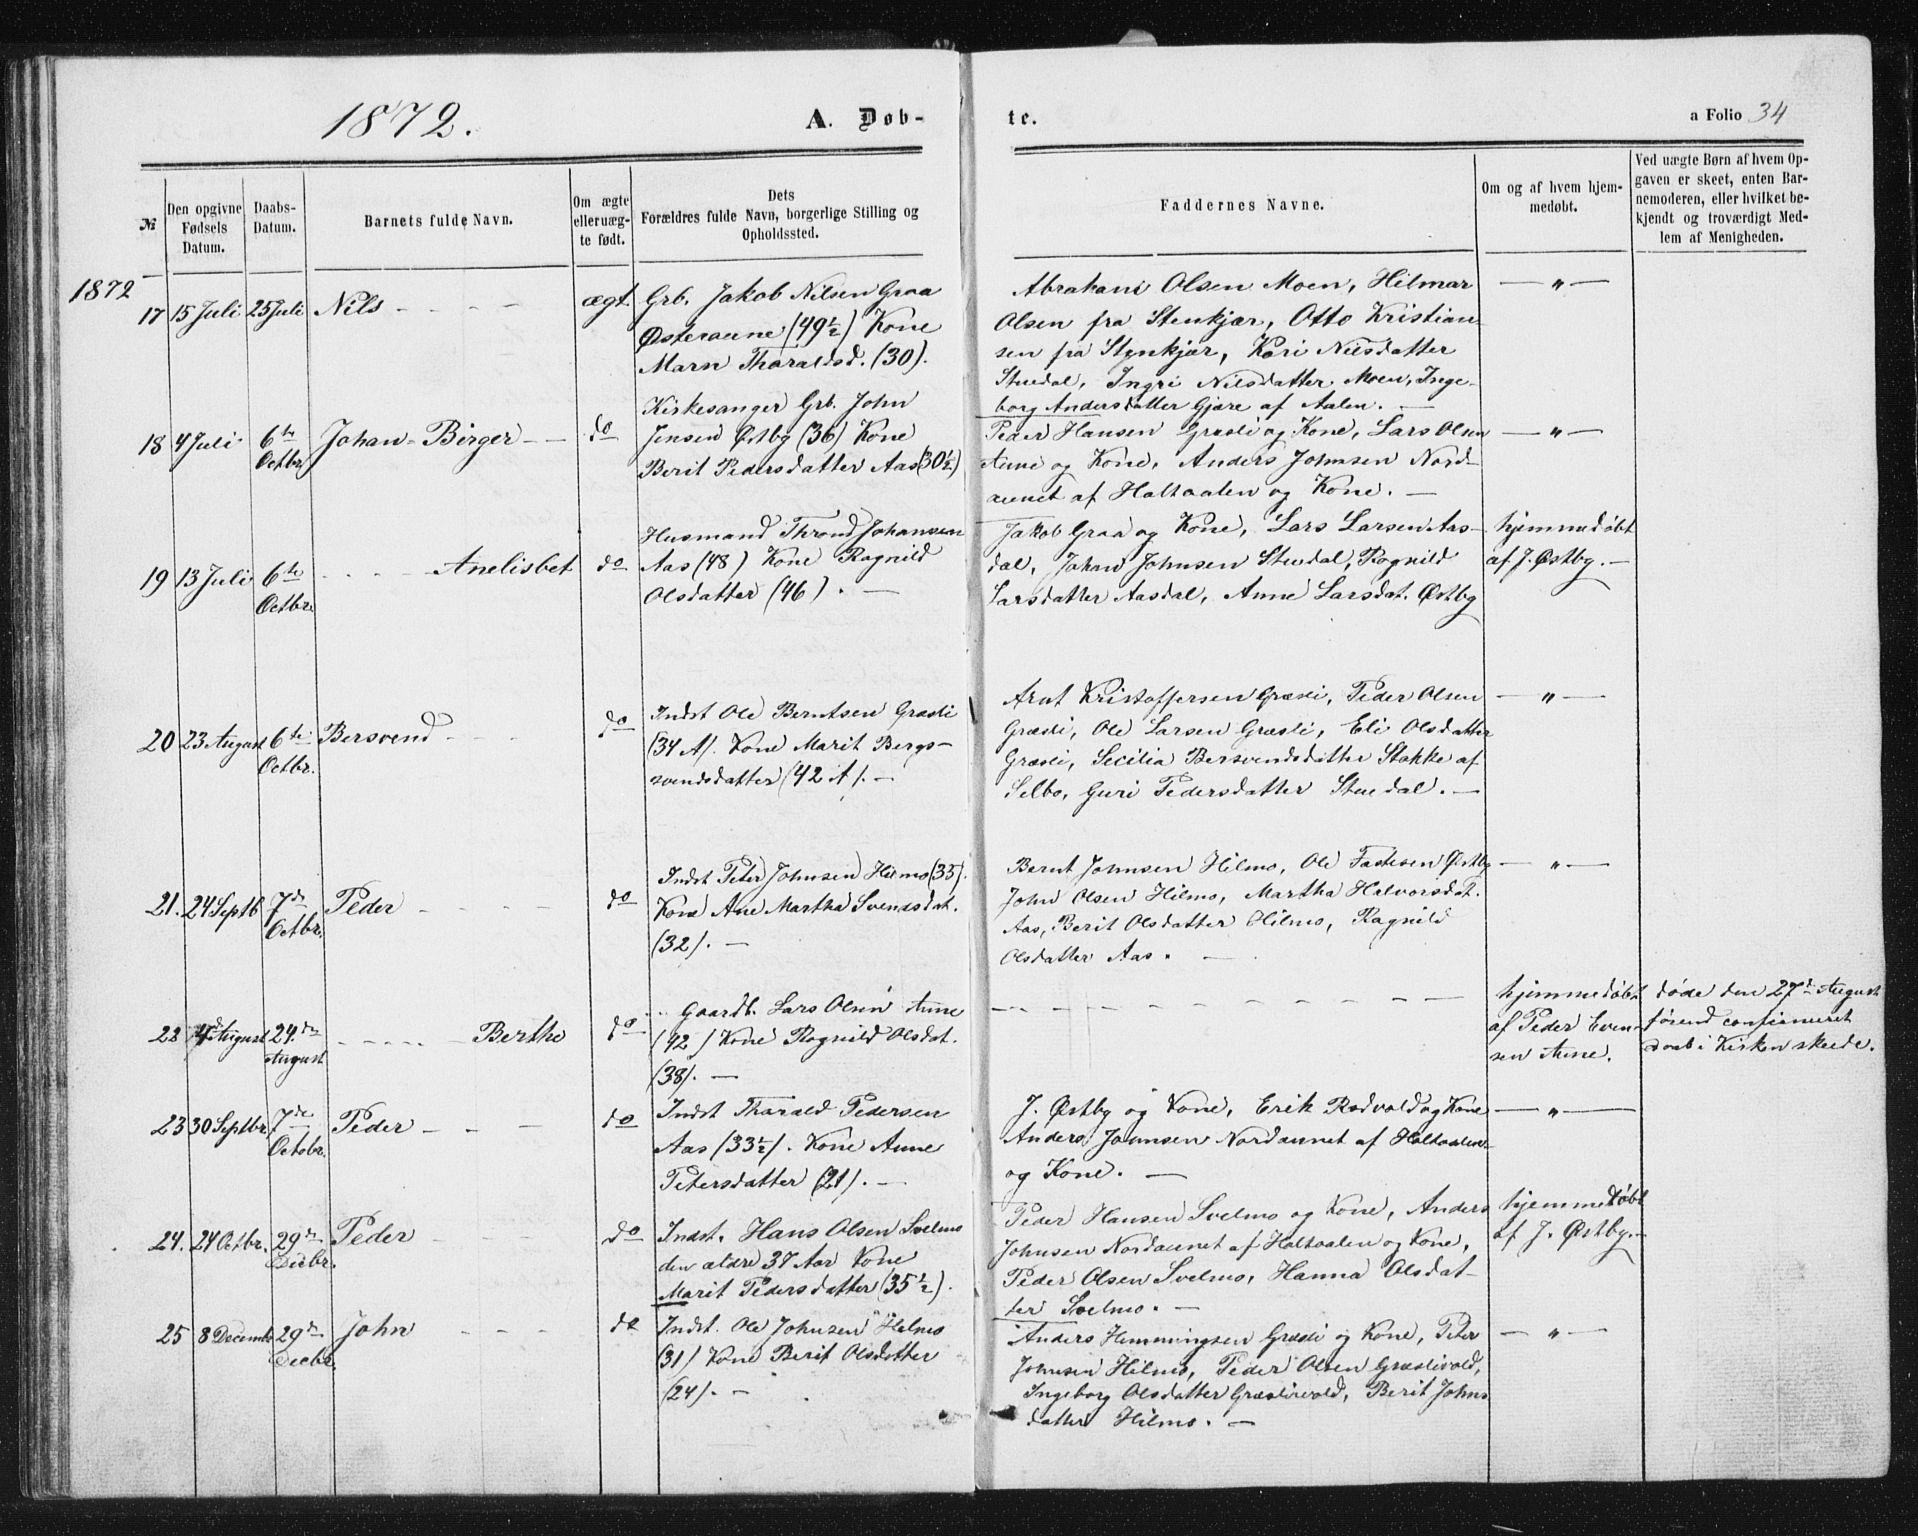 SAT, Ministerialprotokoller, klokkerbøker og fødselsregistre - Sør-Trøndelag, 698/L1166: Klokkerbok nr. 698C03, 1861-1887, s. 34